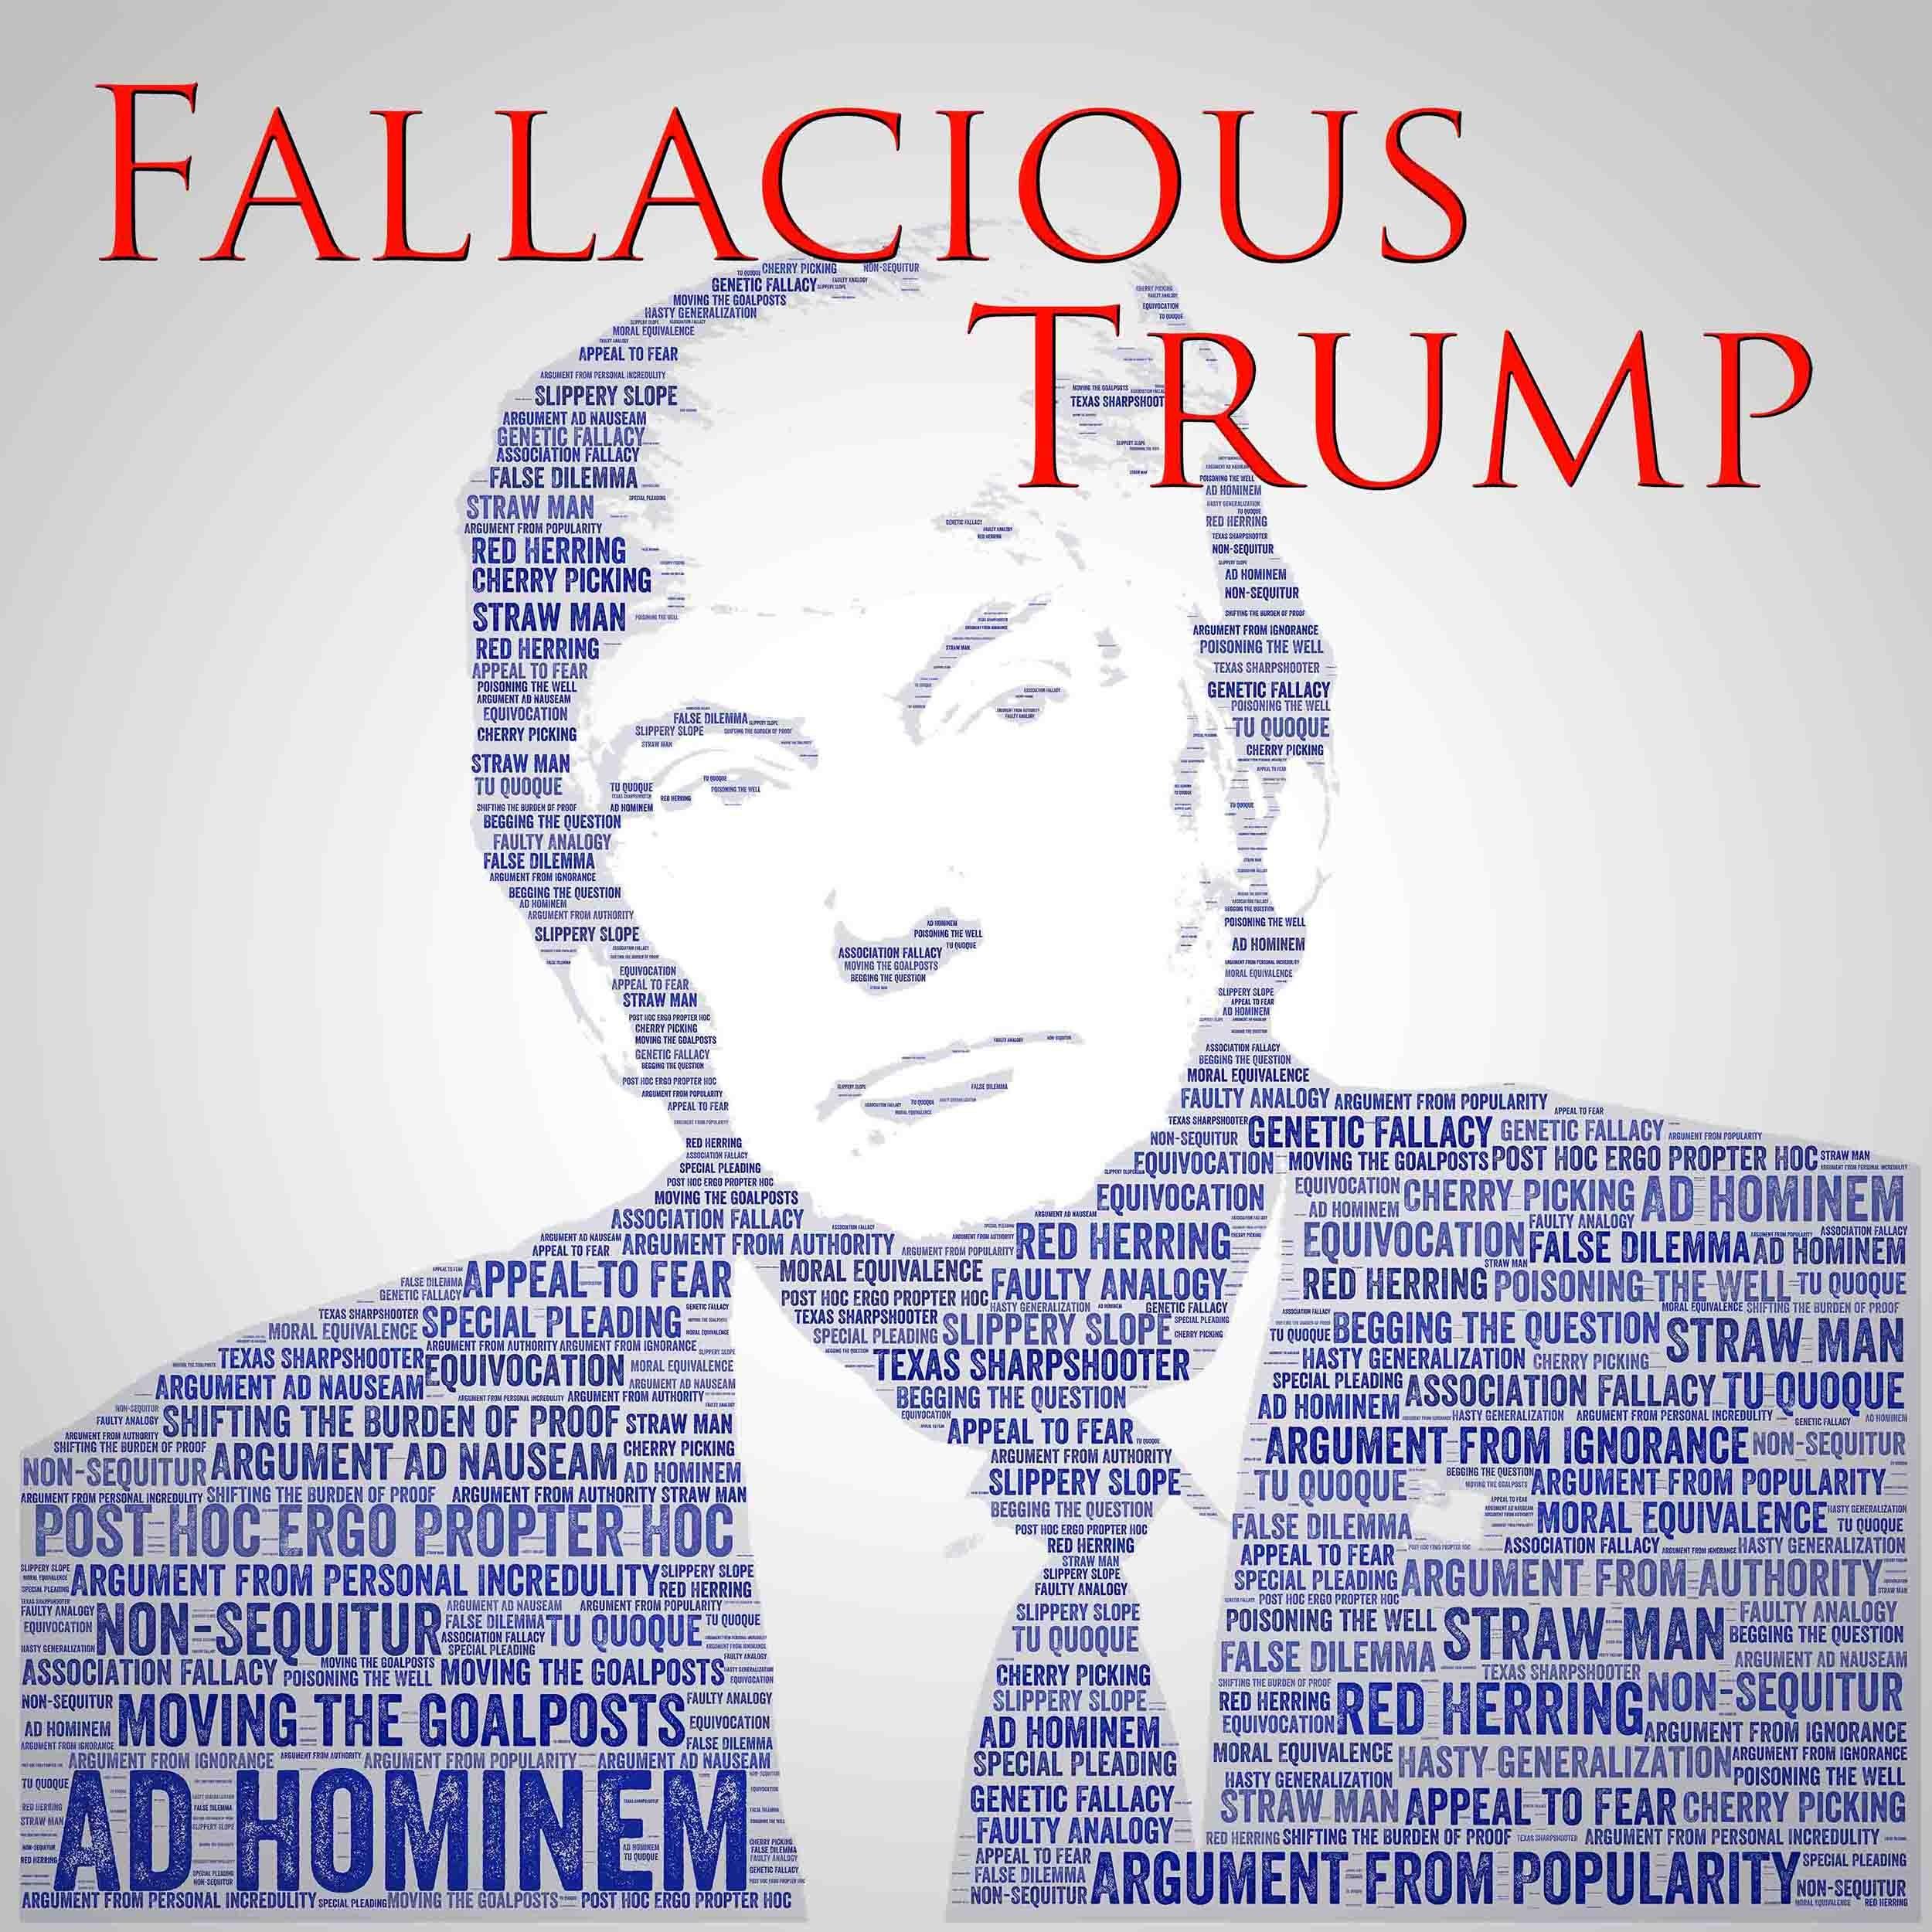 Fallacious Trump